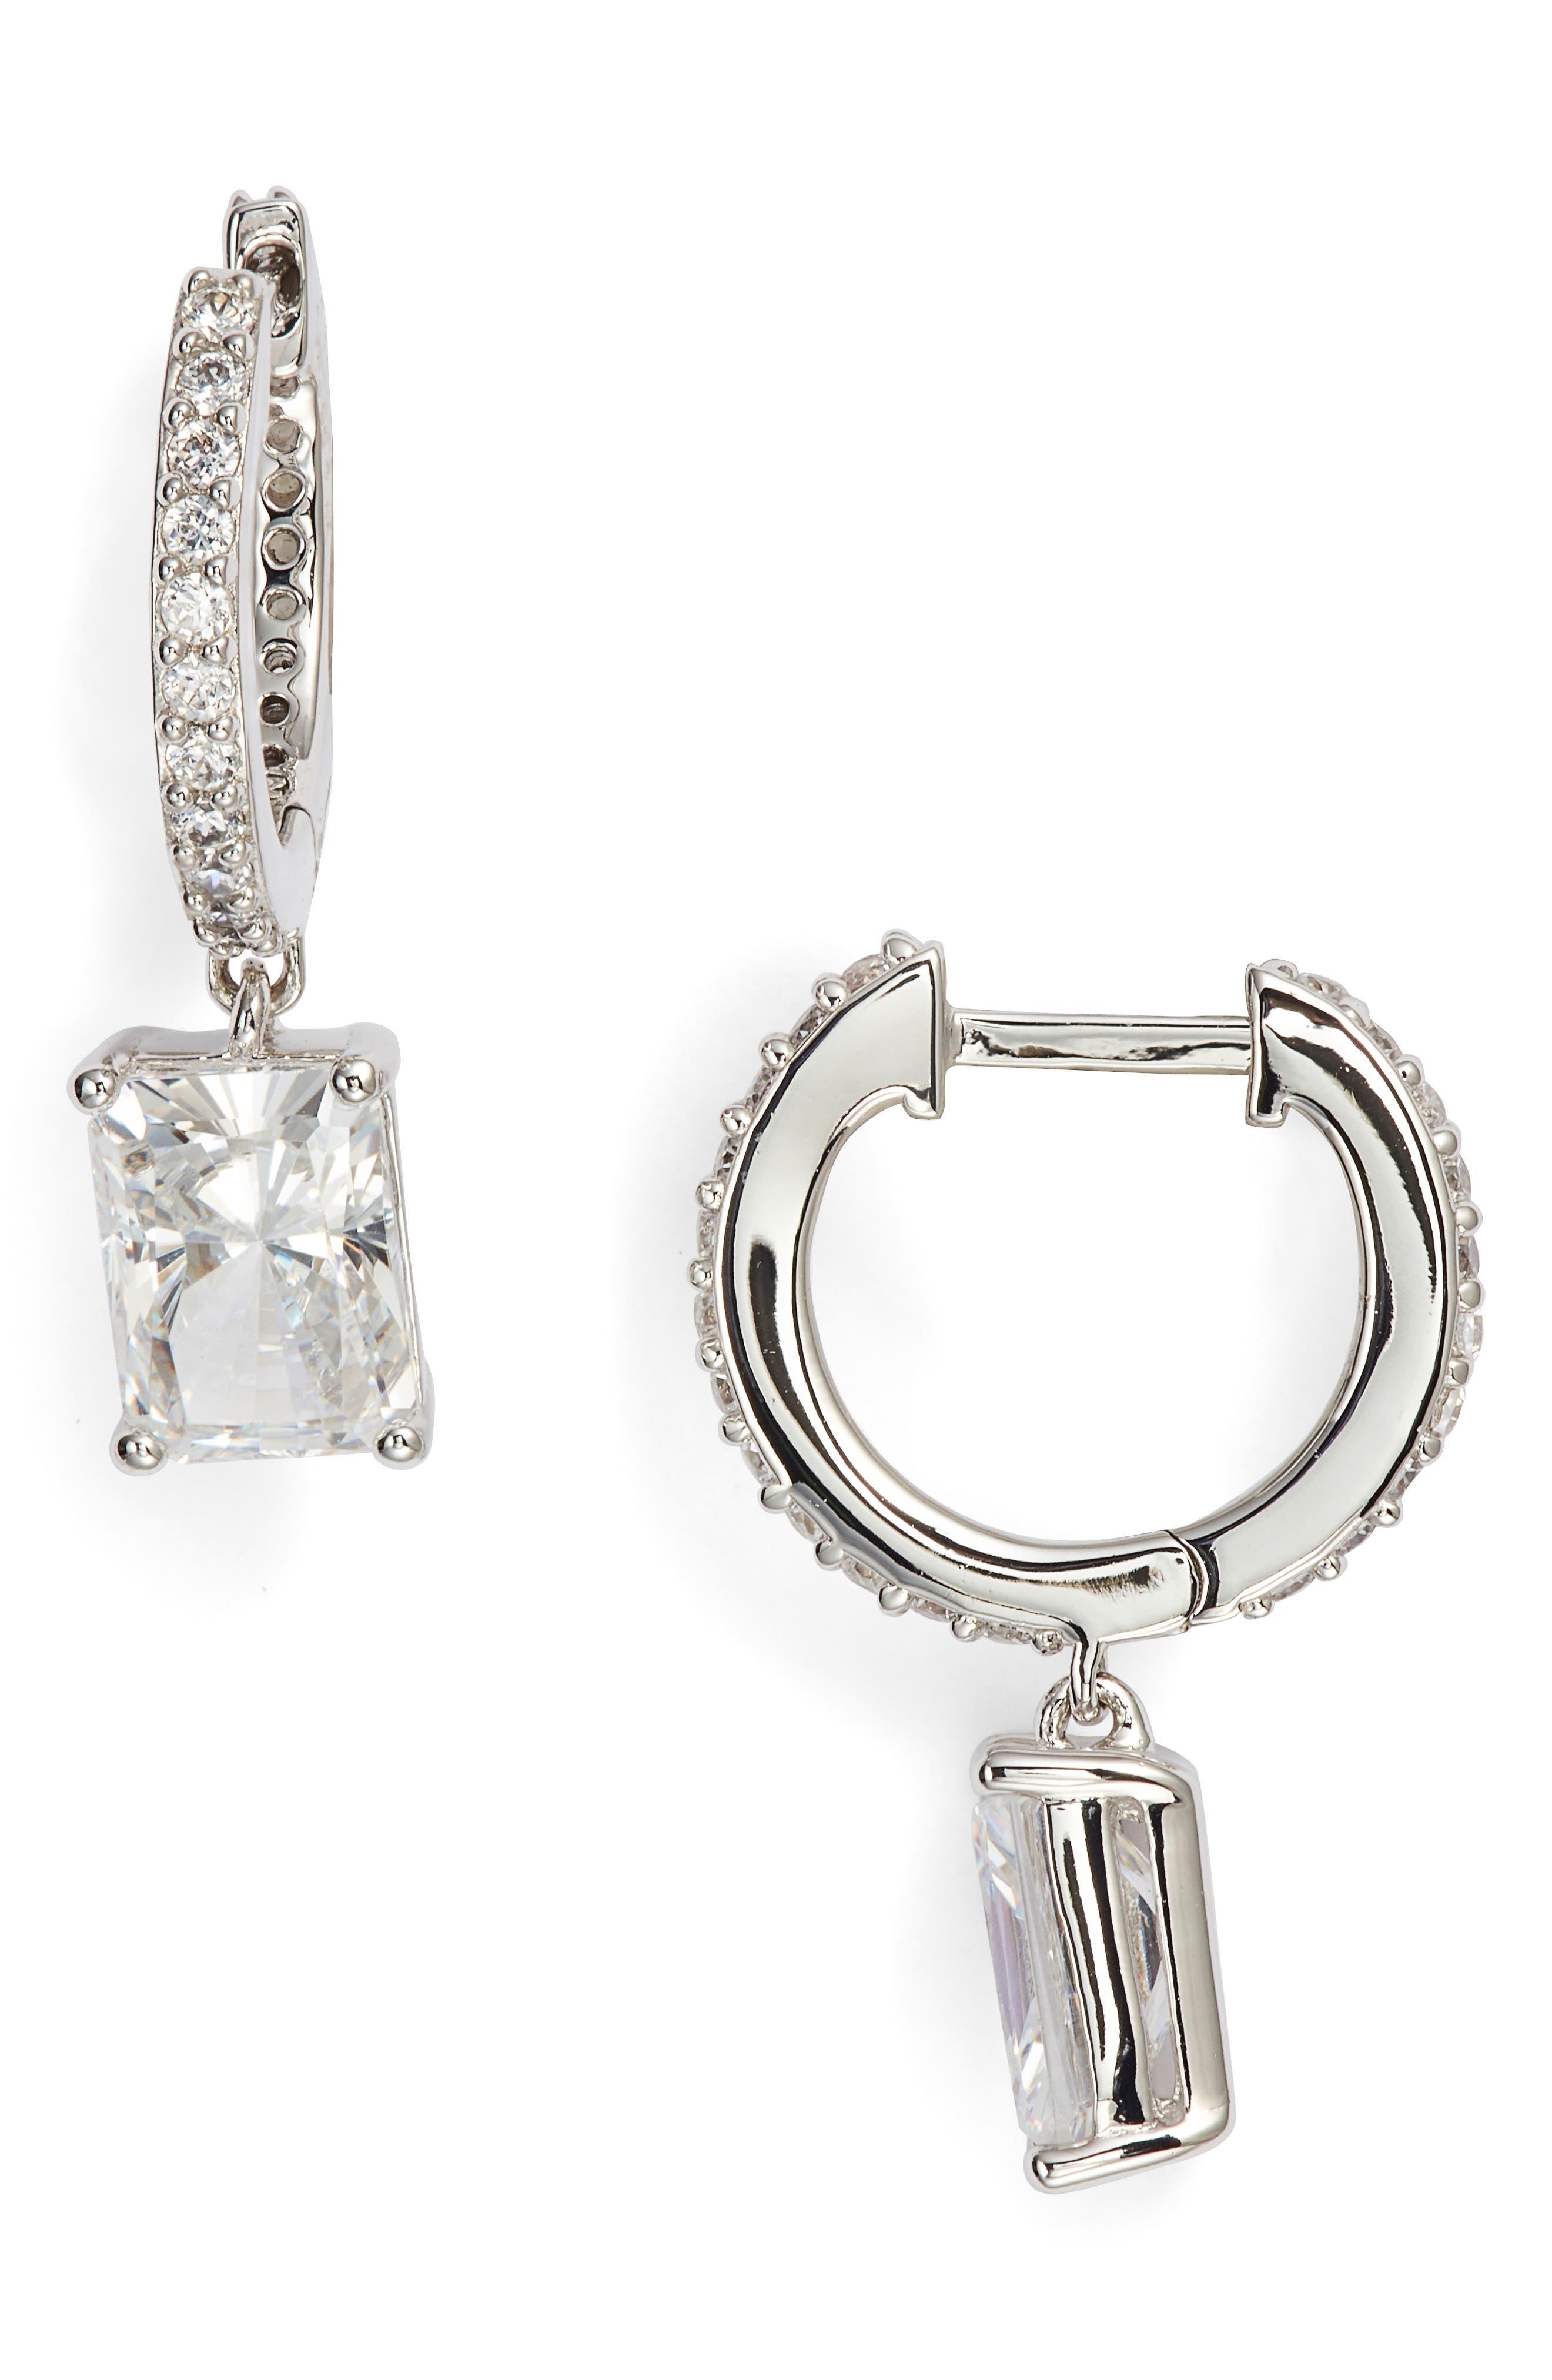 NADRI Baguette Cut Crystal Drop Earrings in White